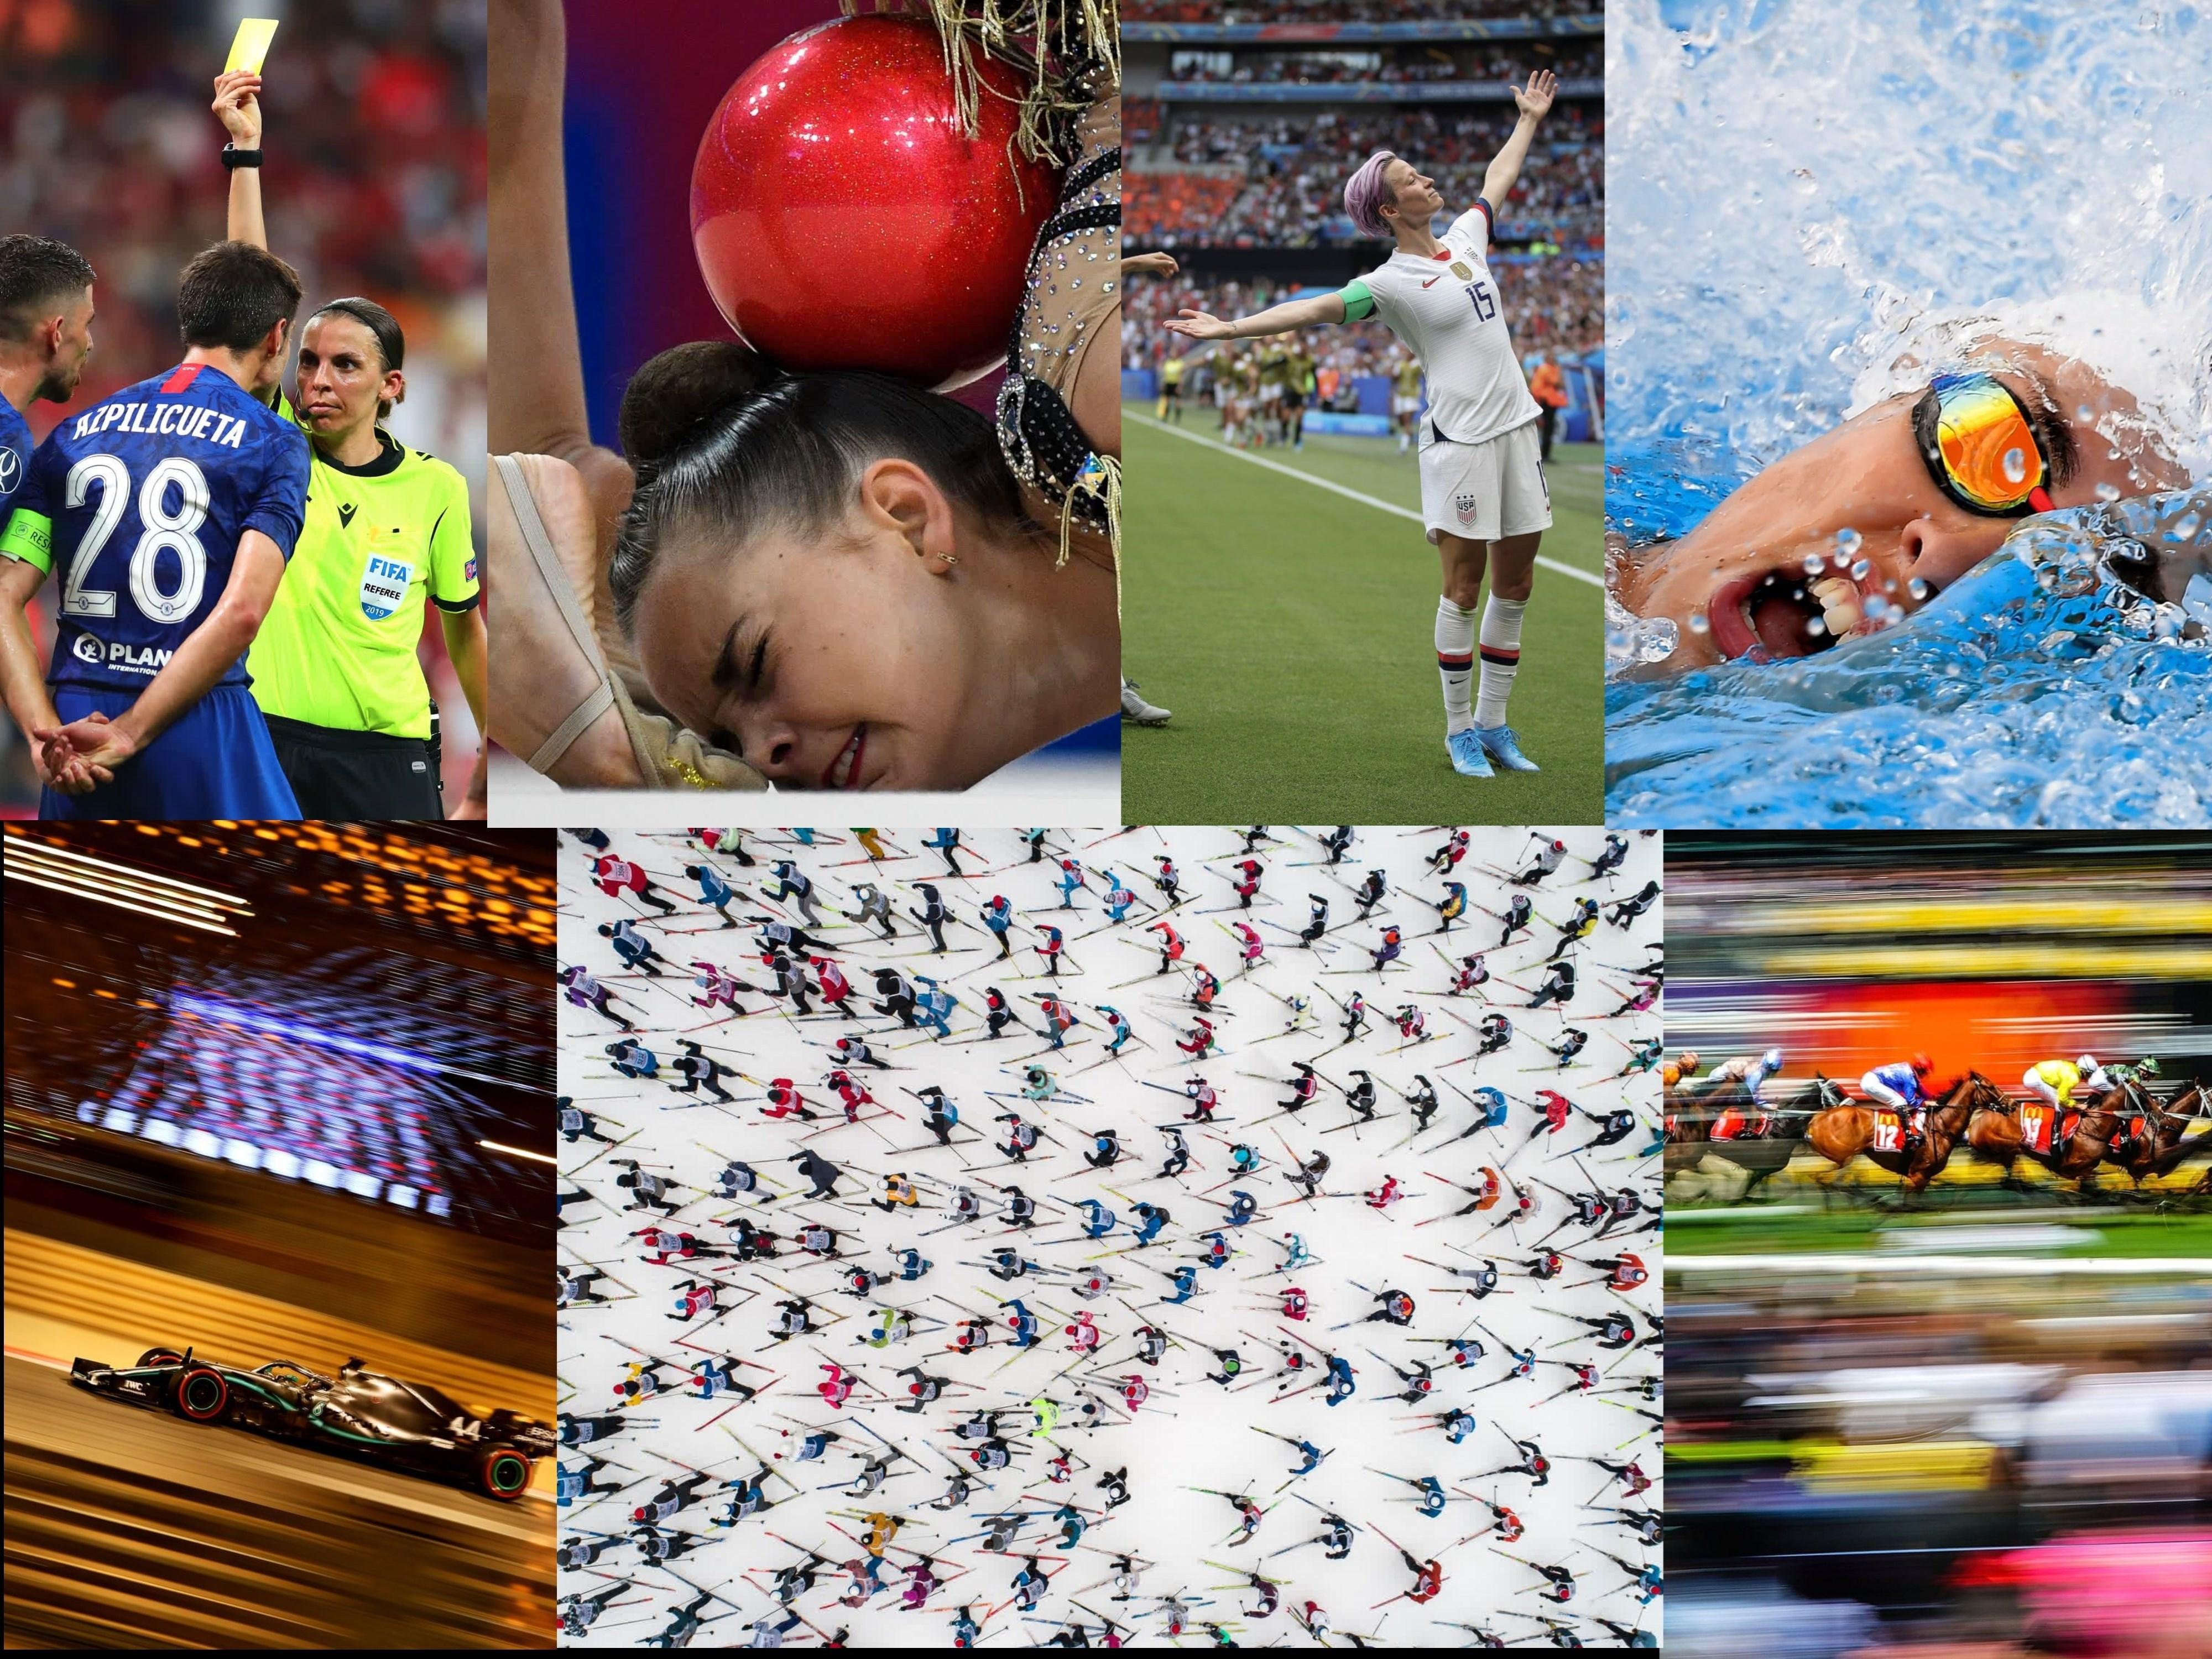 أجمل الصور الرياضية في العام 2019